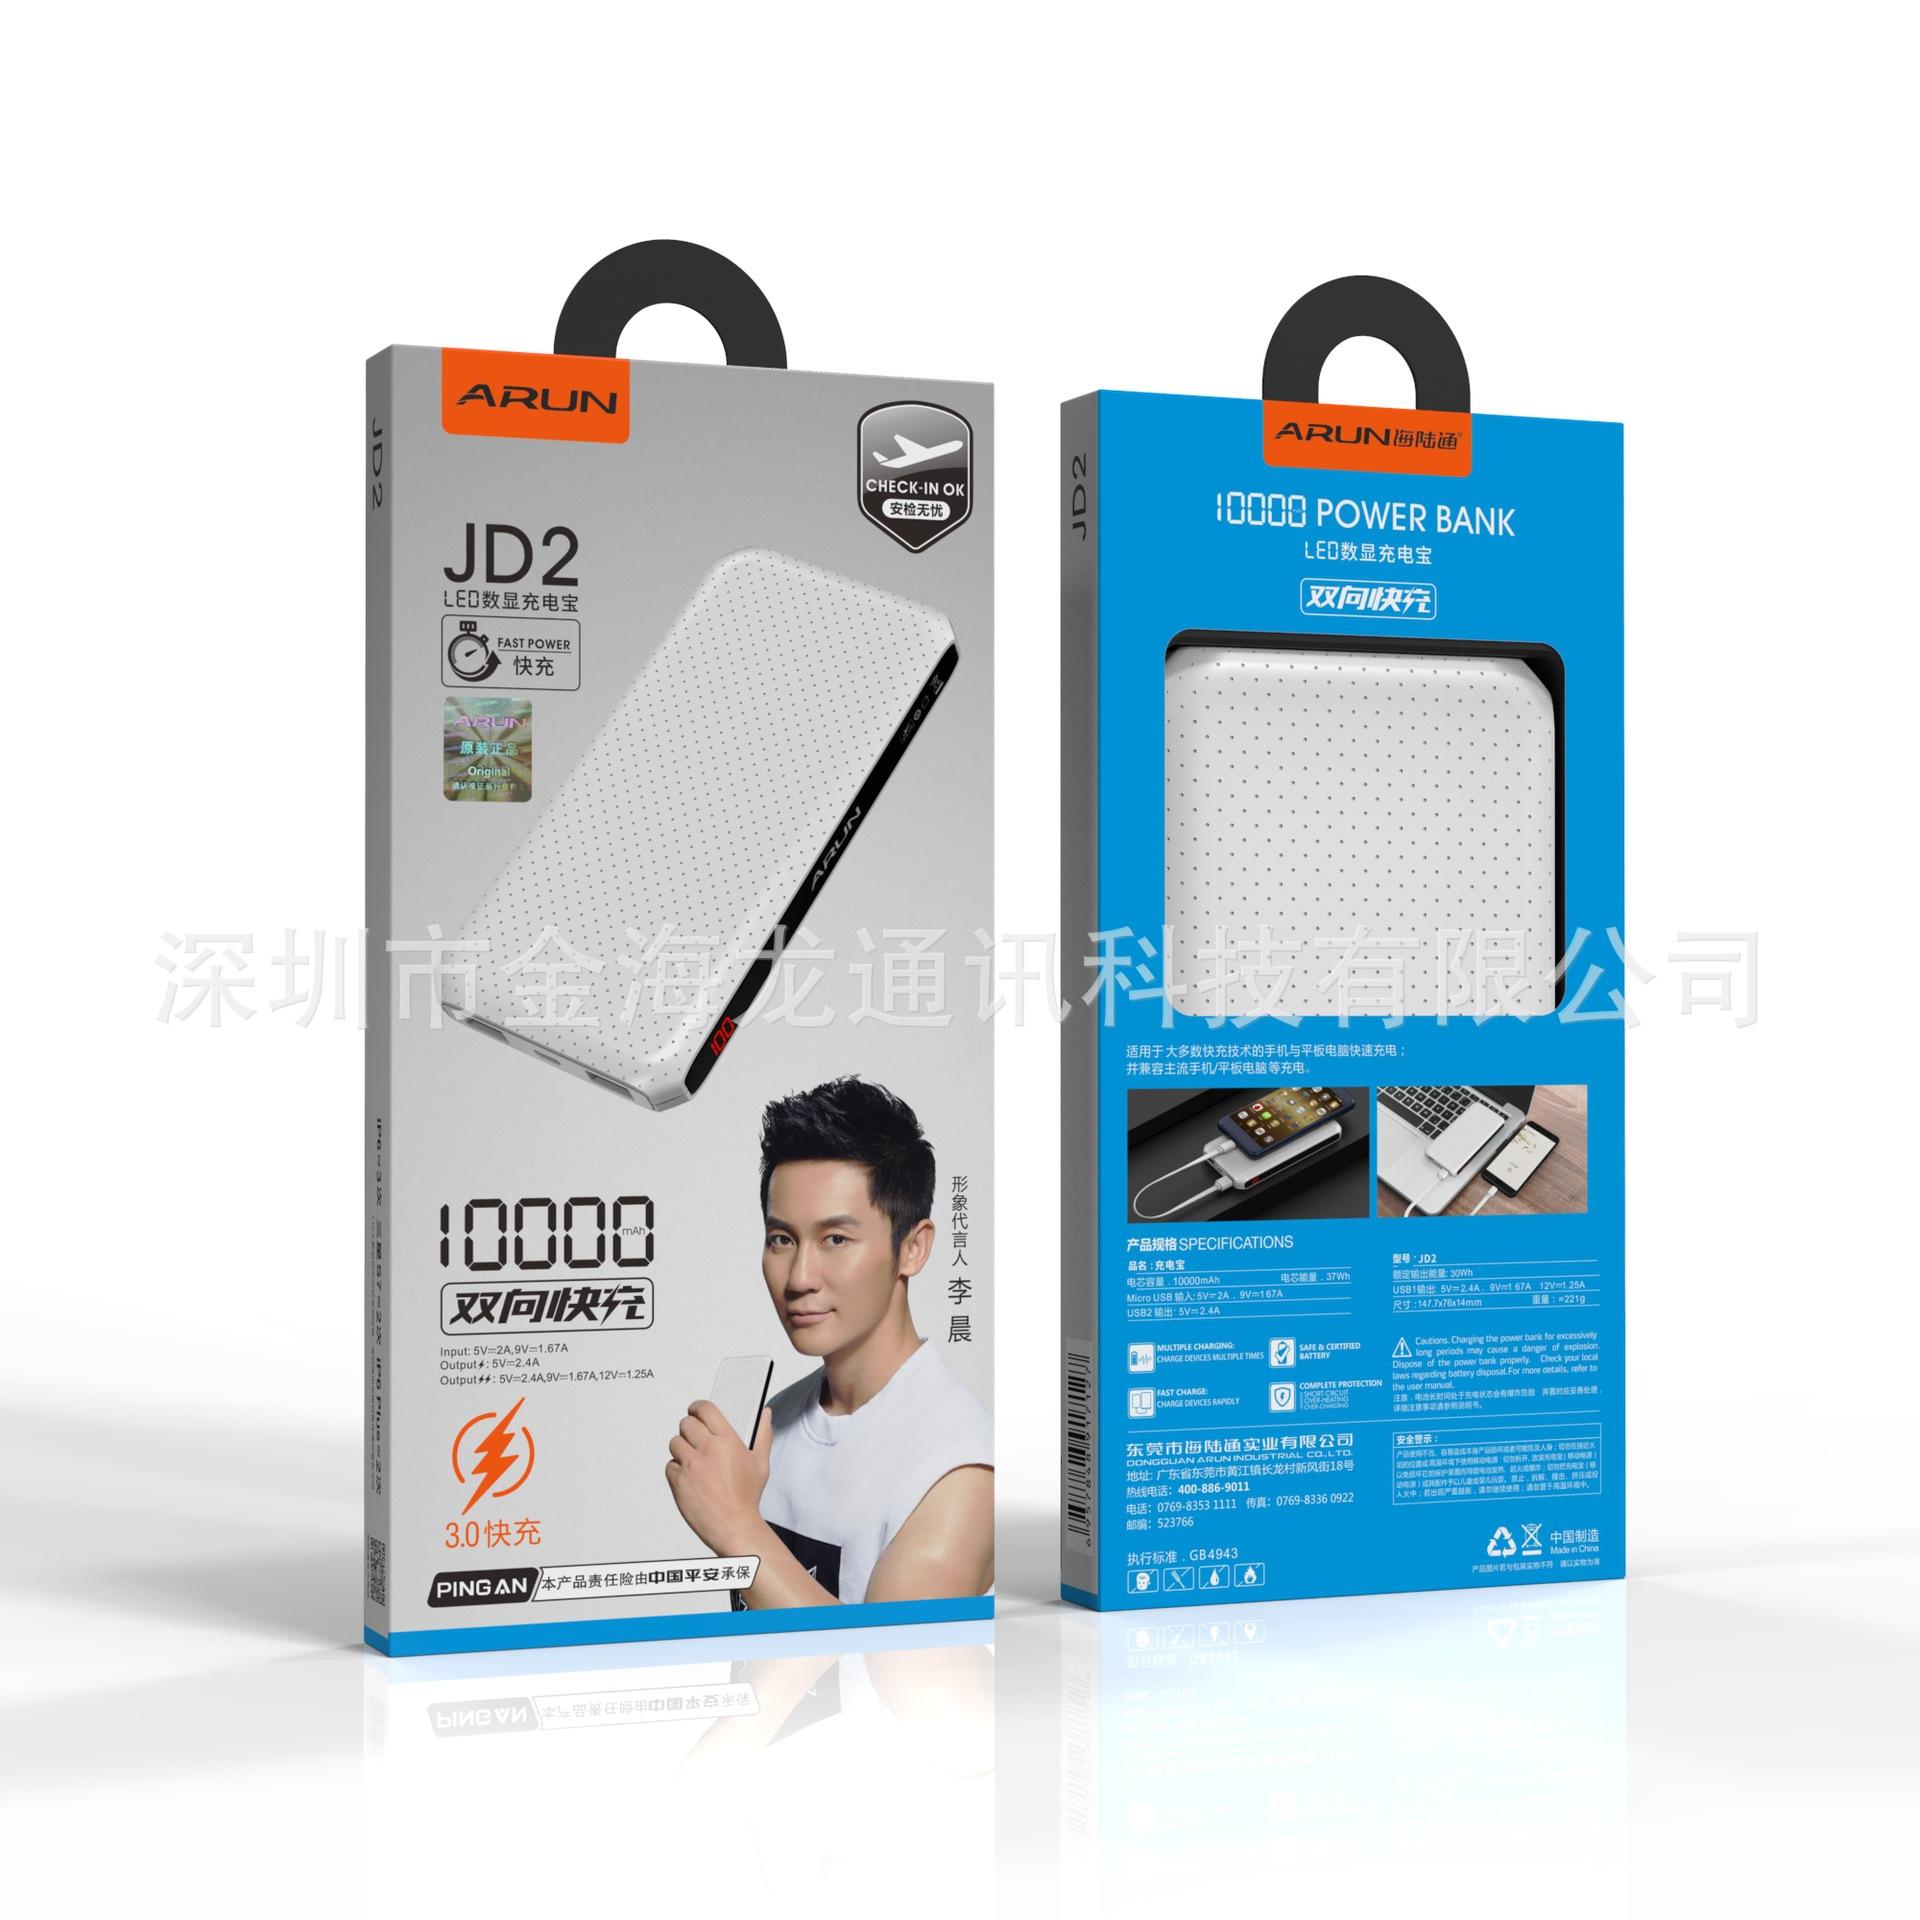 海陆通JD2聚合物快充宝 10000毫安 双USB输出 LED数显快充3.0超薄